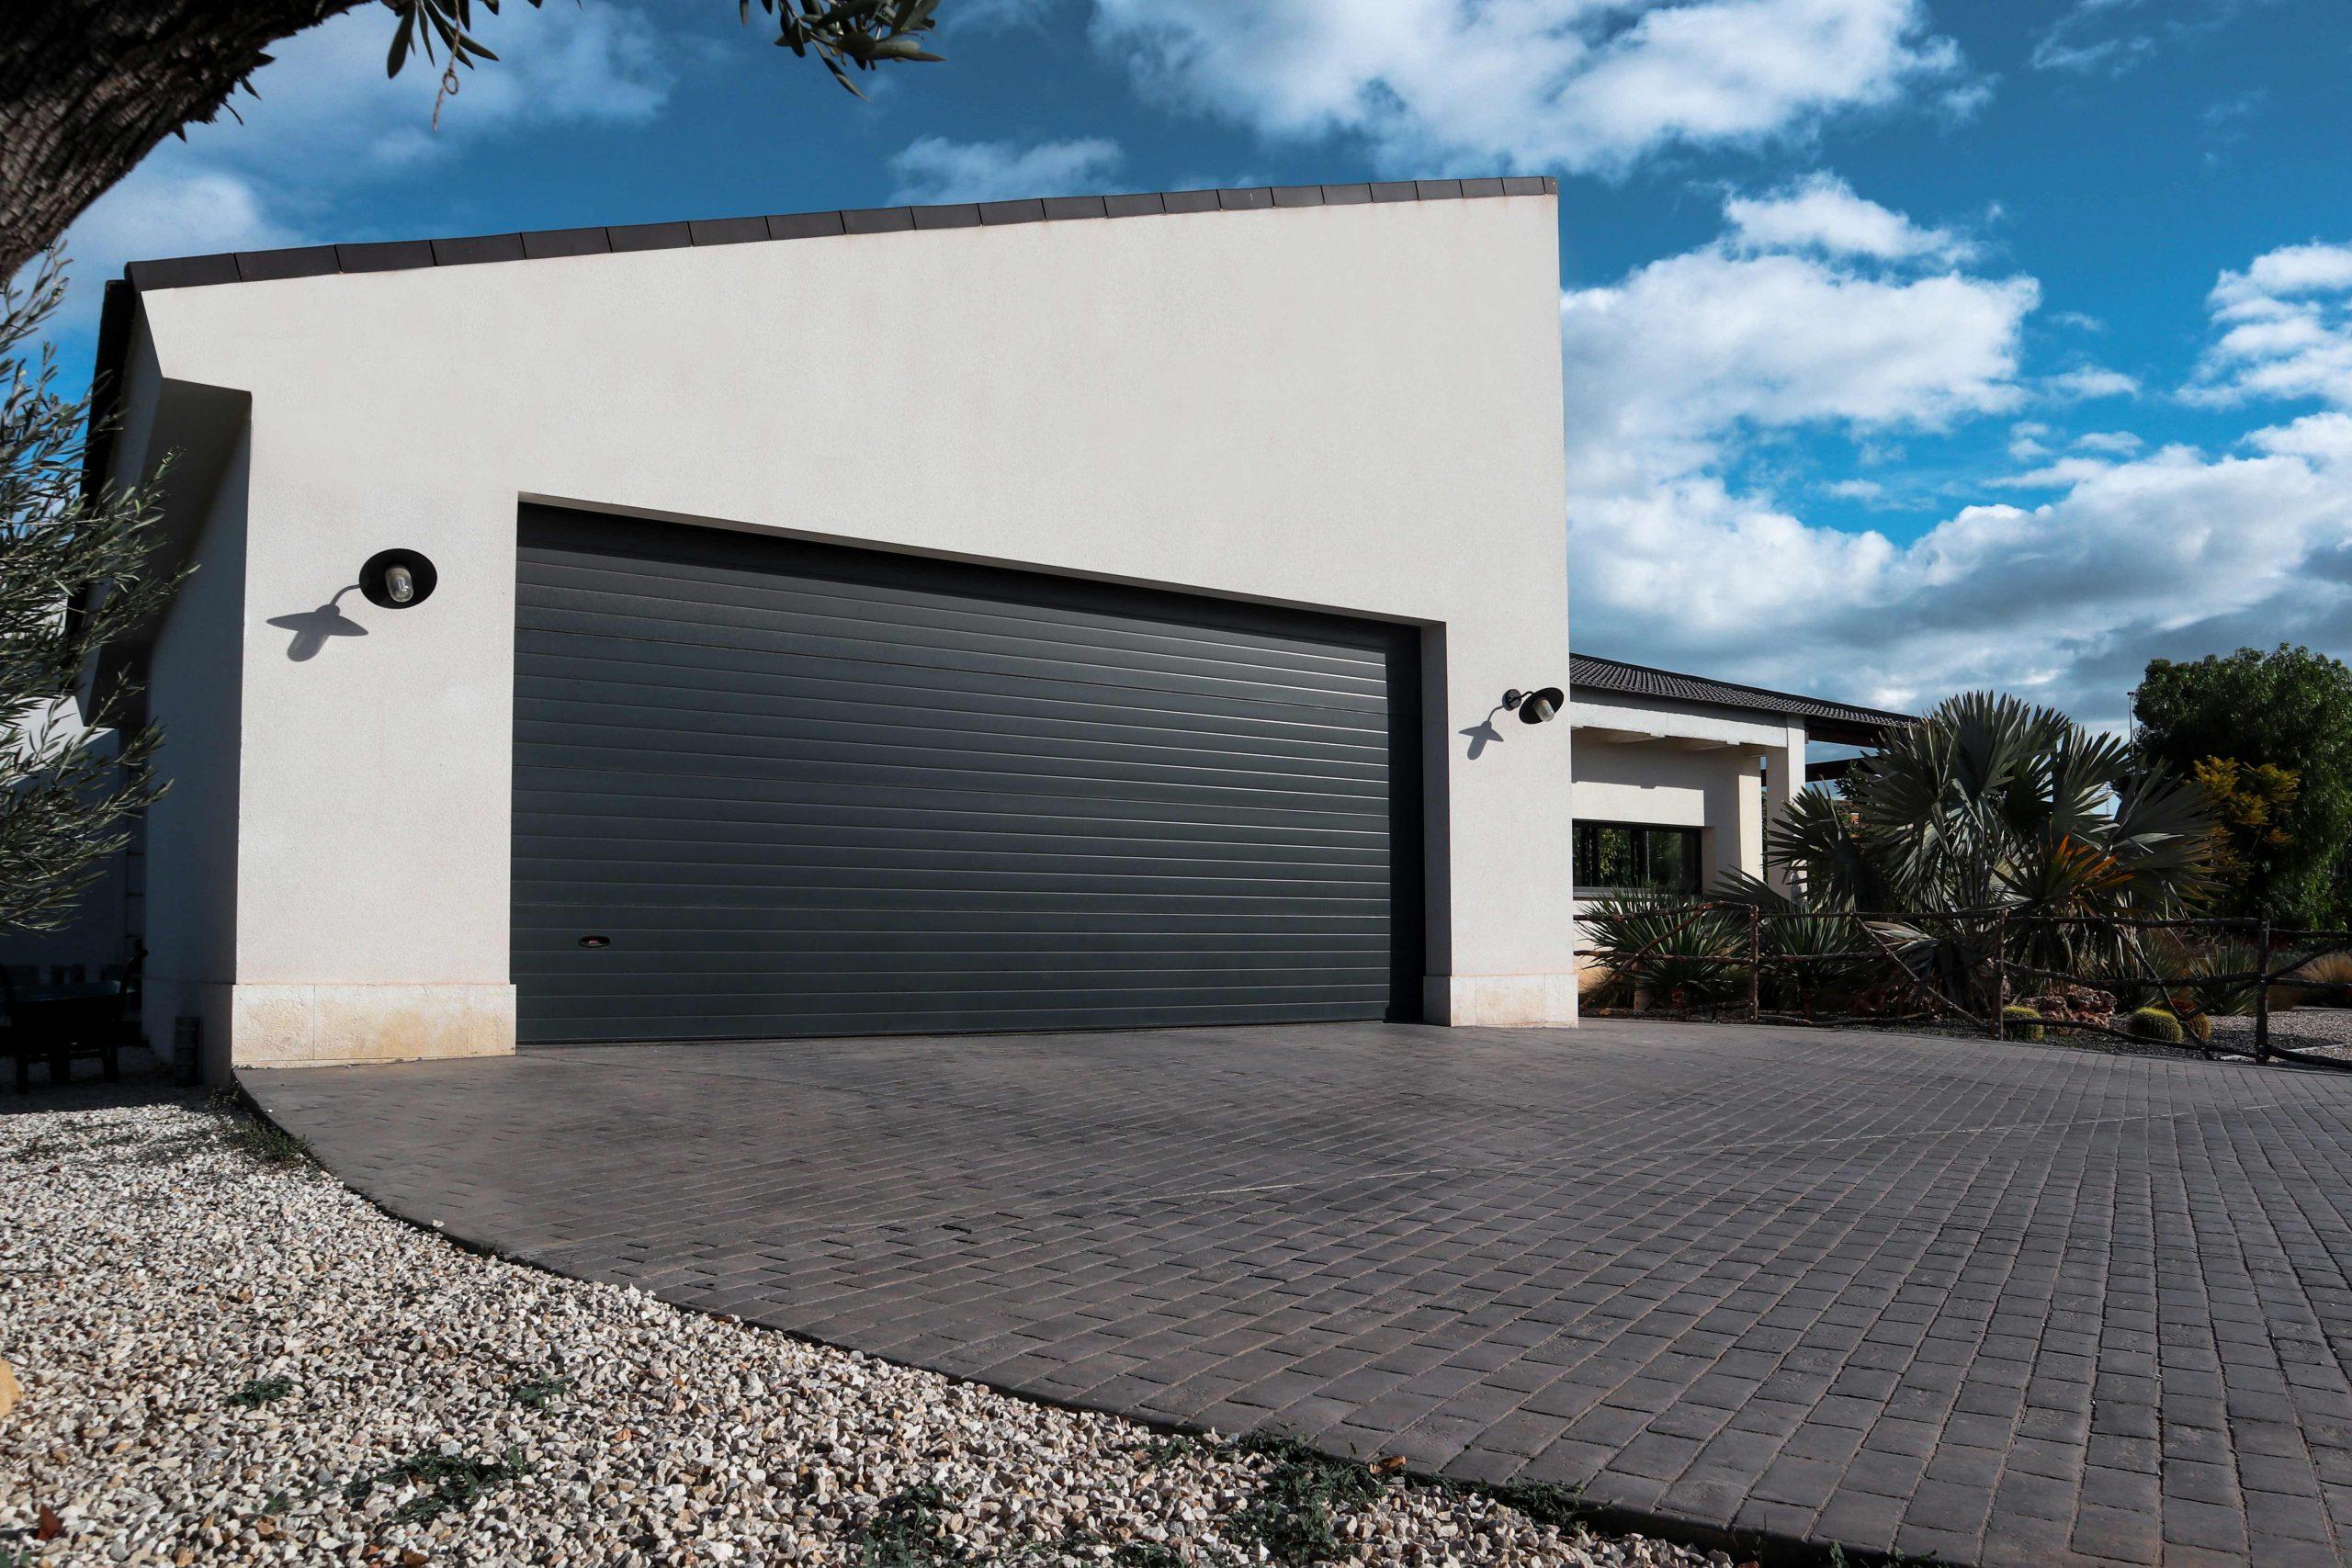 Puerta del garaje de Villa ADE, rampa de entrada y jardín cercado con valla de madera rústica al fondo.